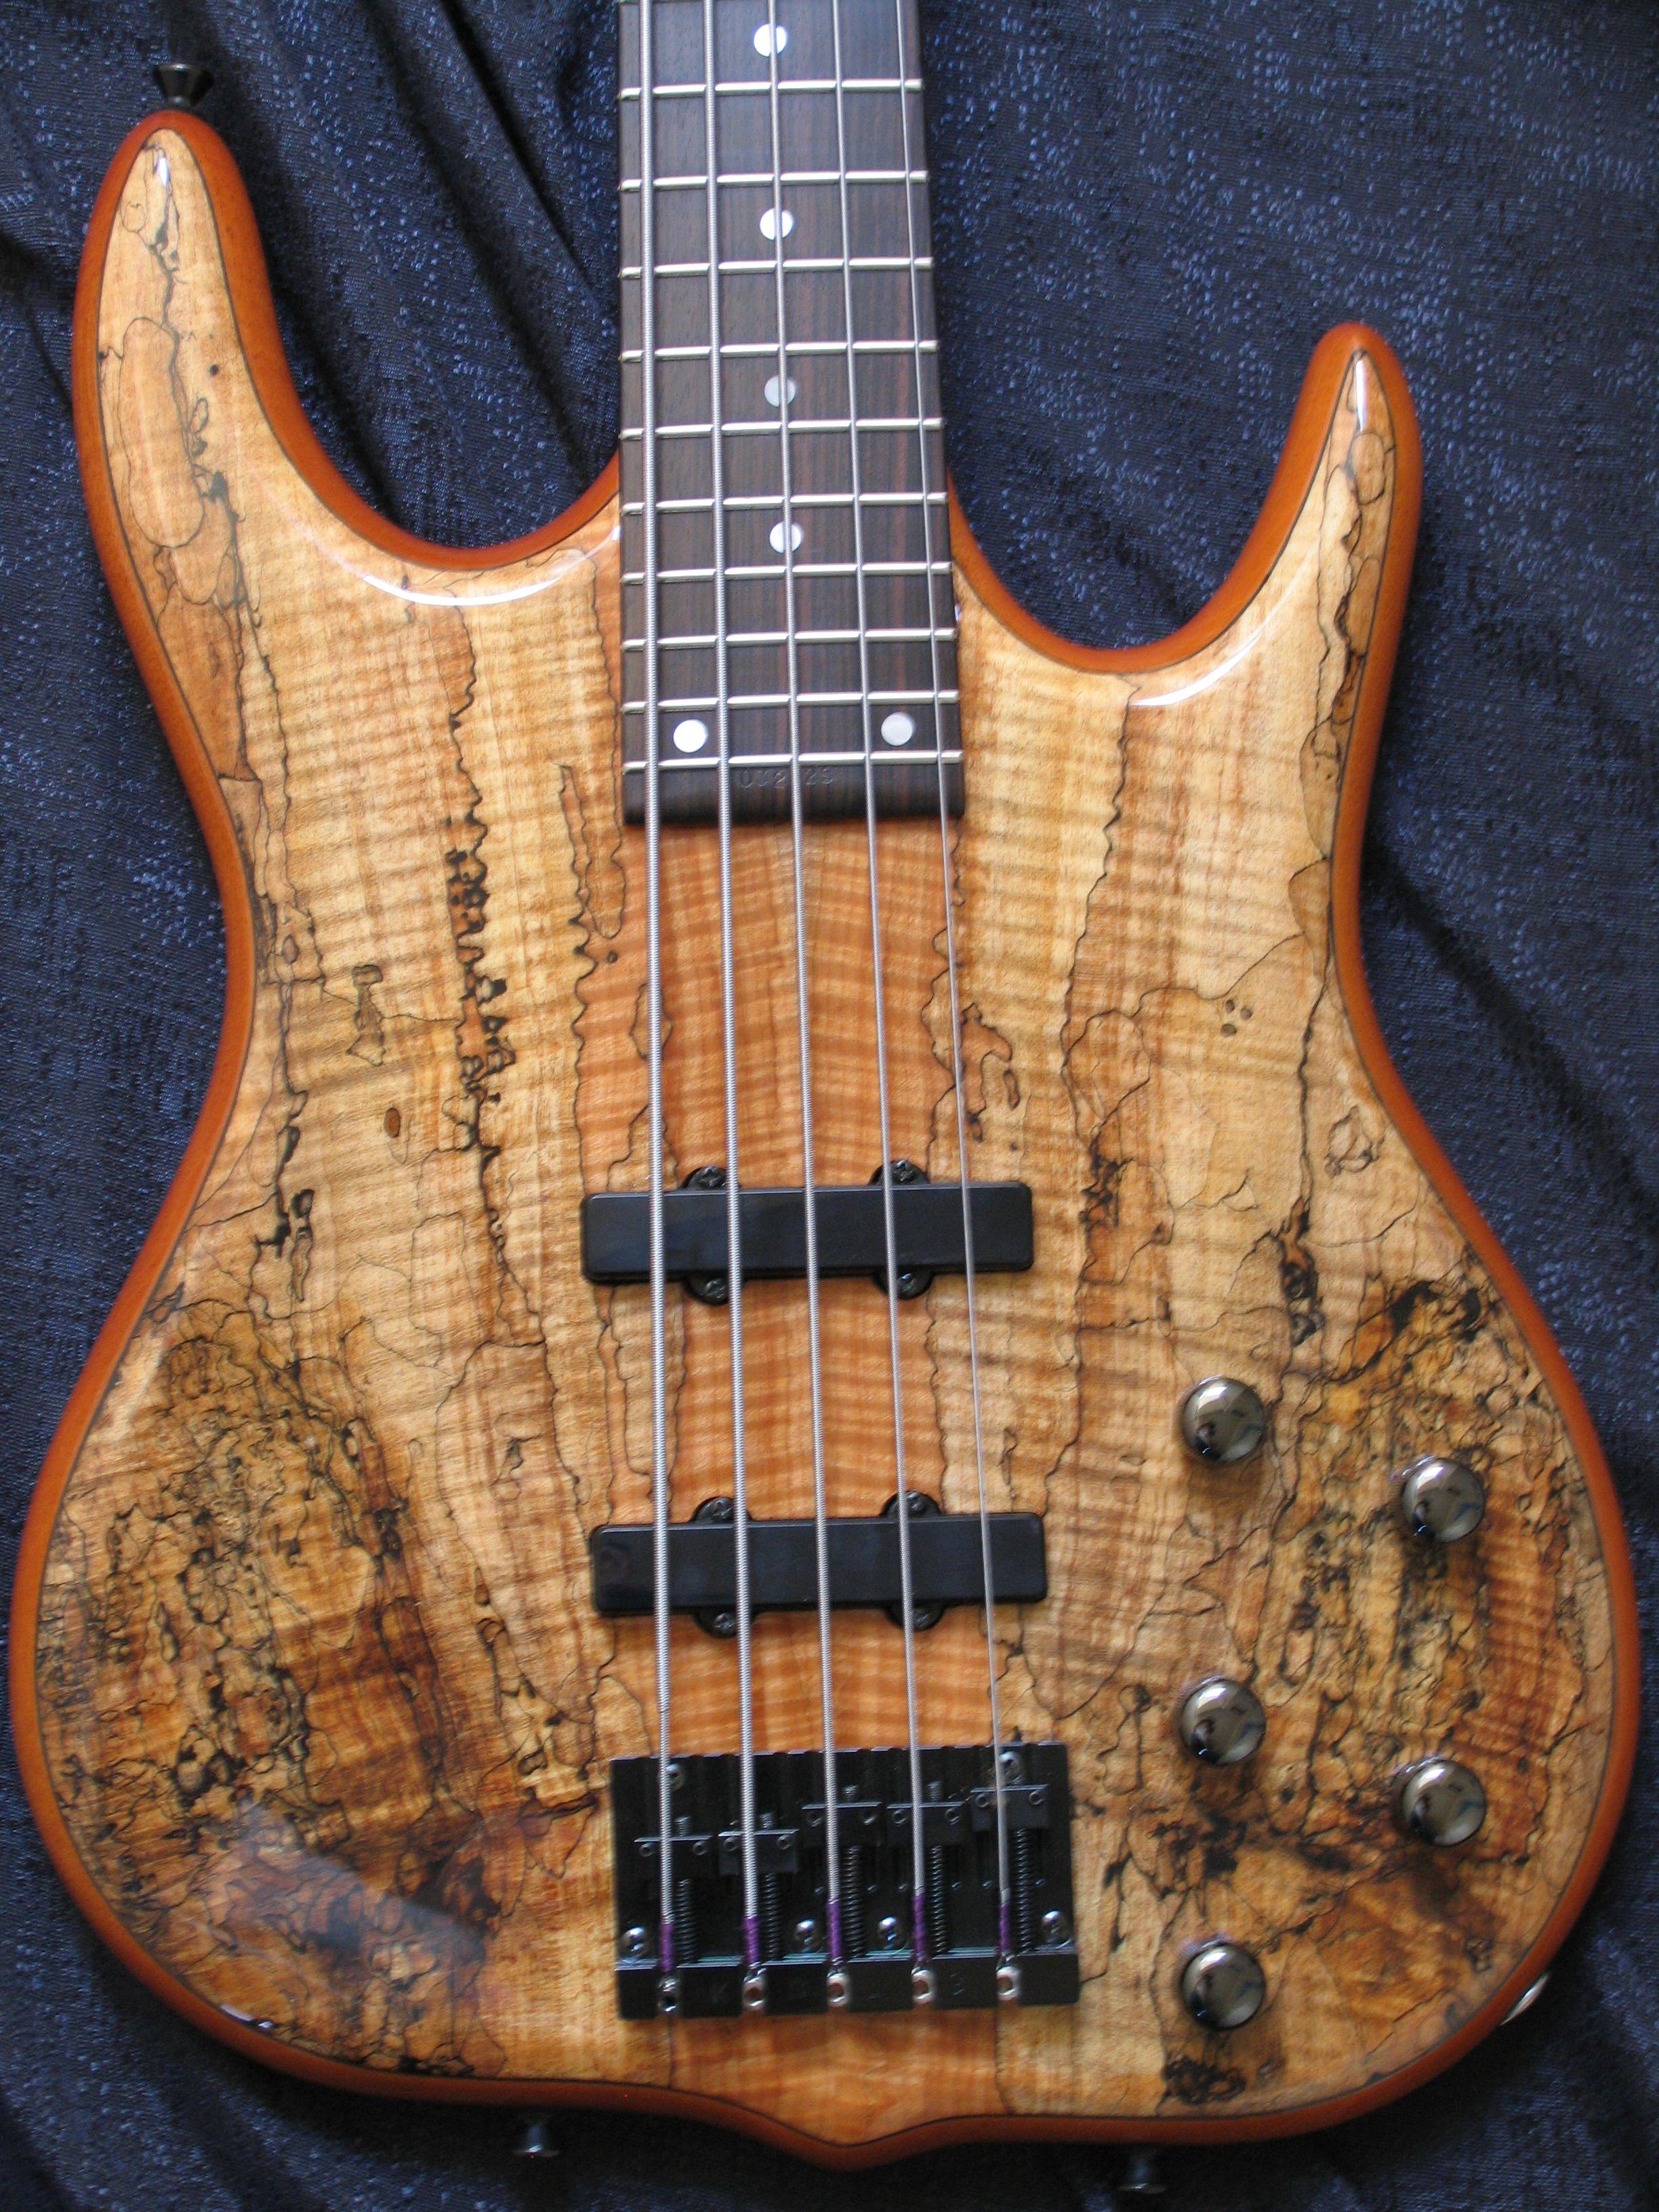 What necessary Ken smith bass guitar licks consider